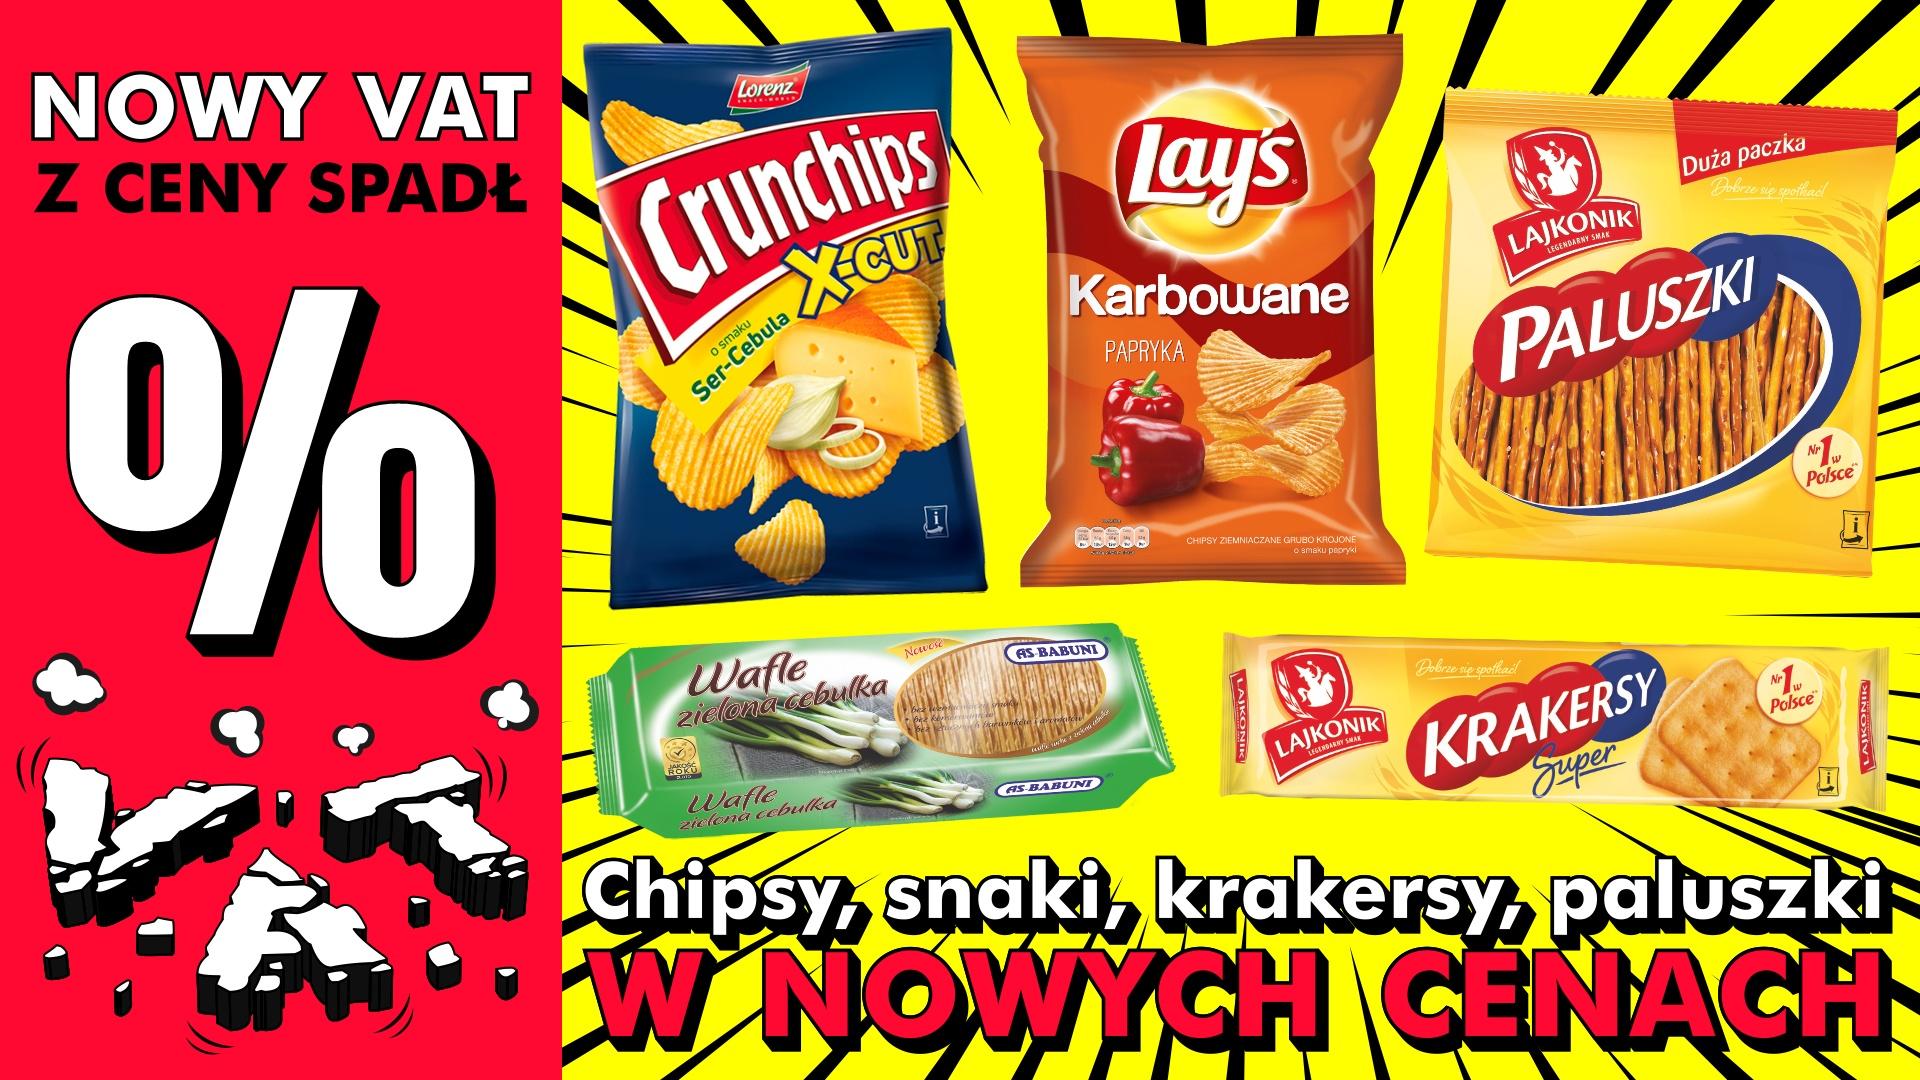 vat spad - chipsy